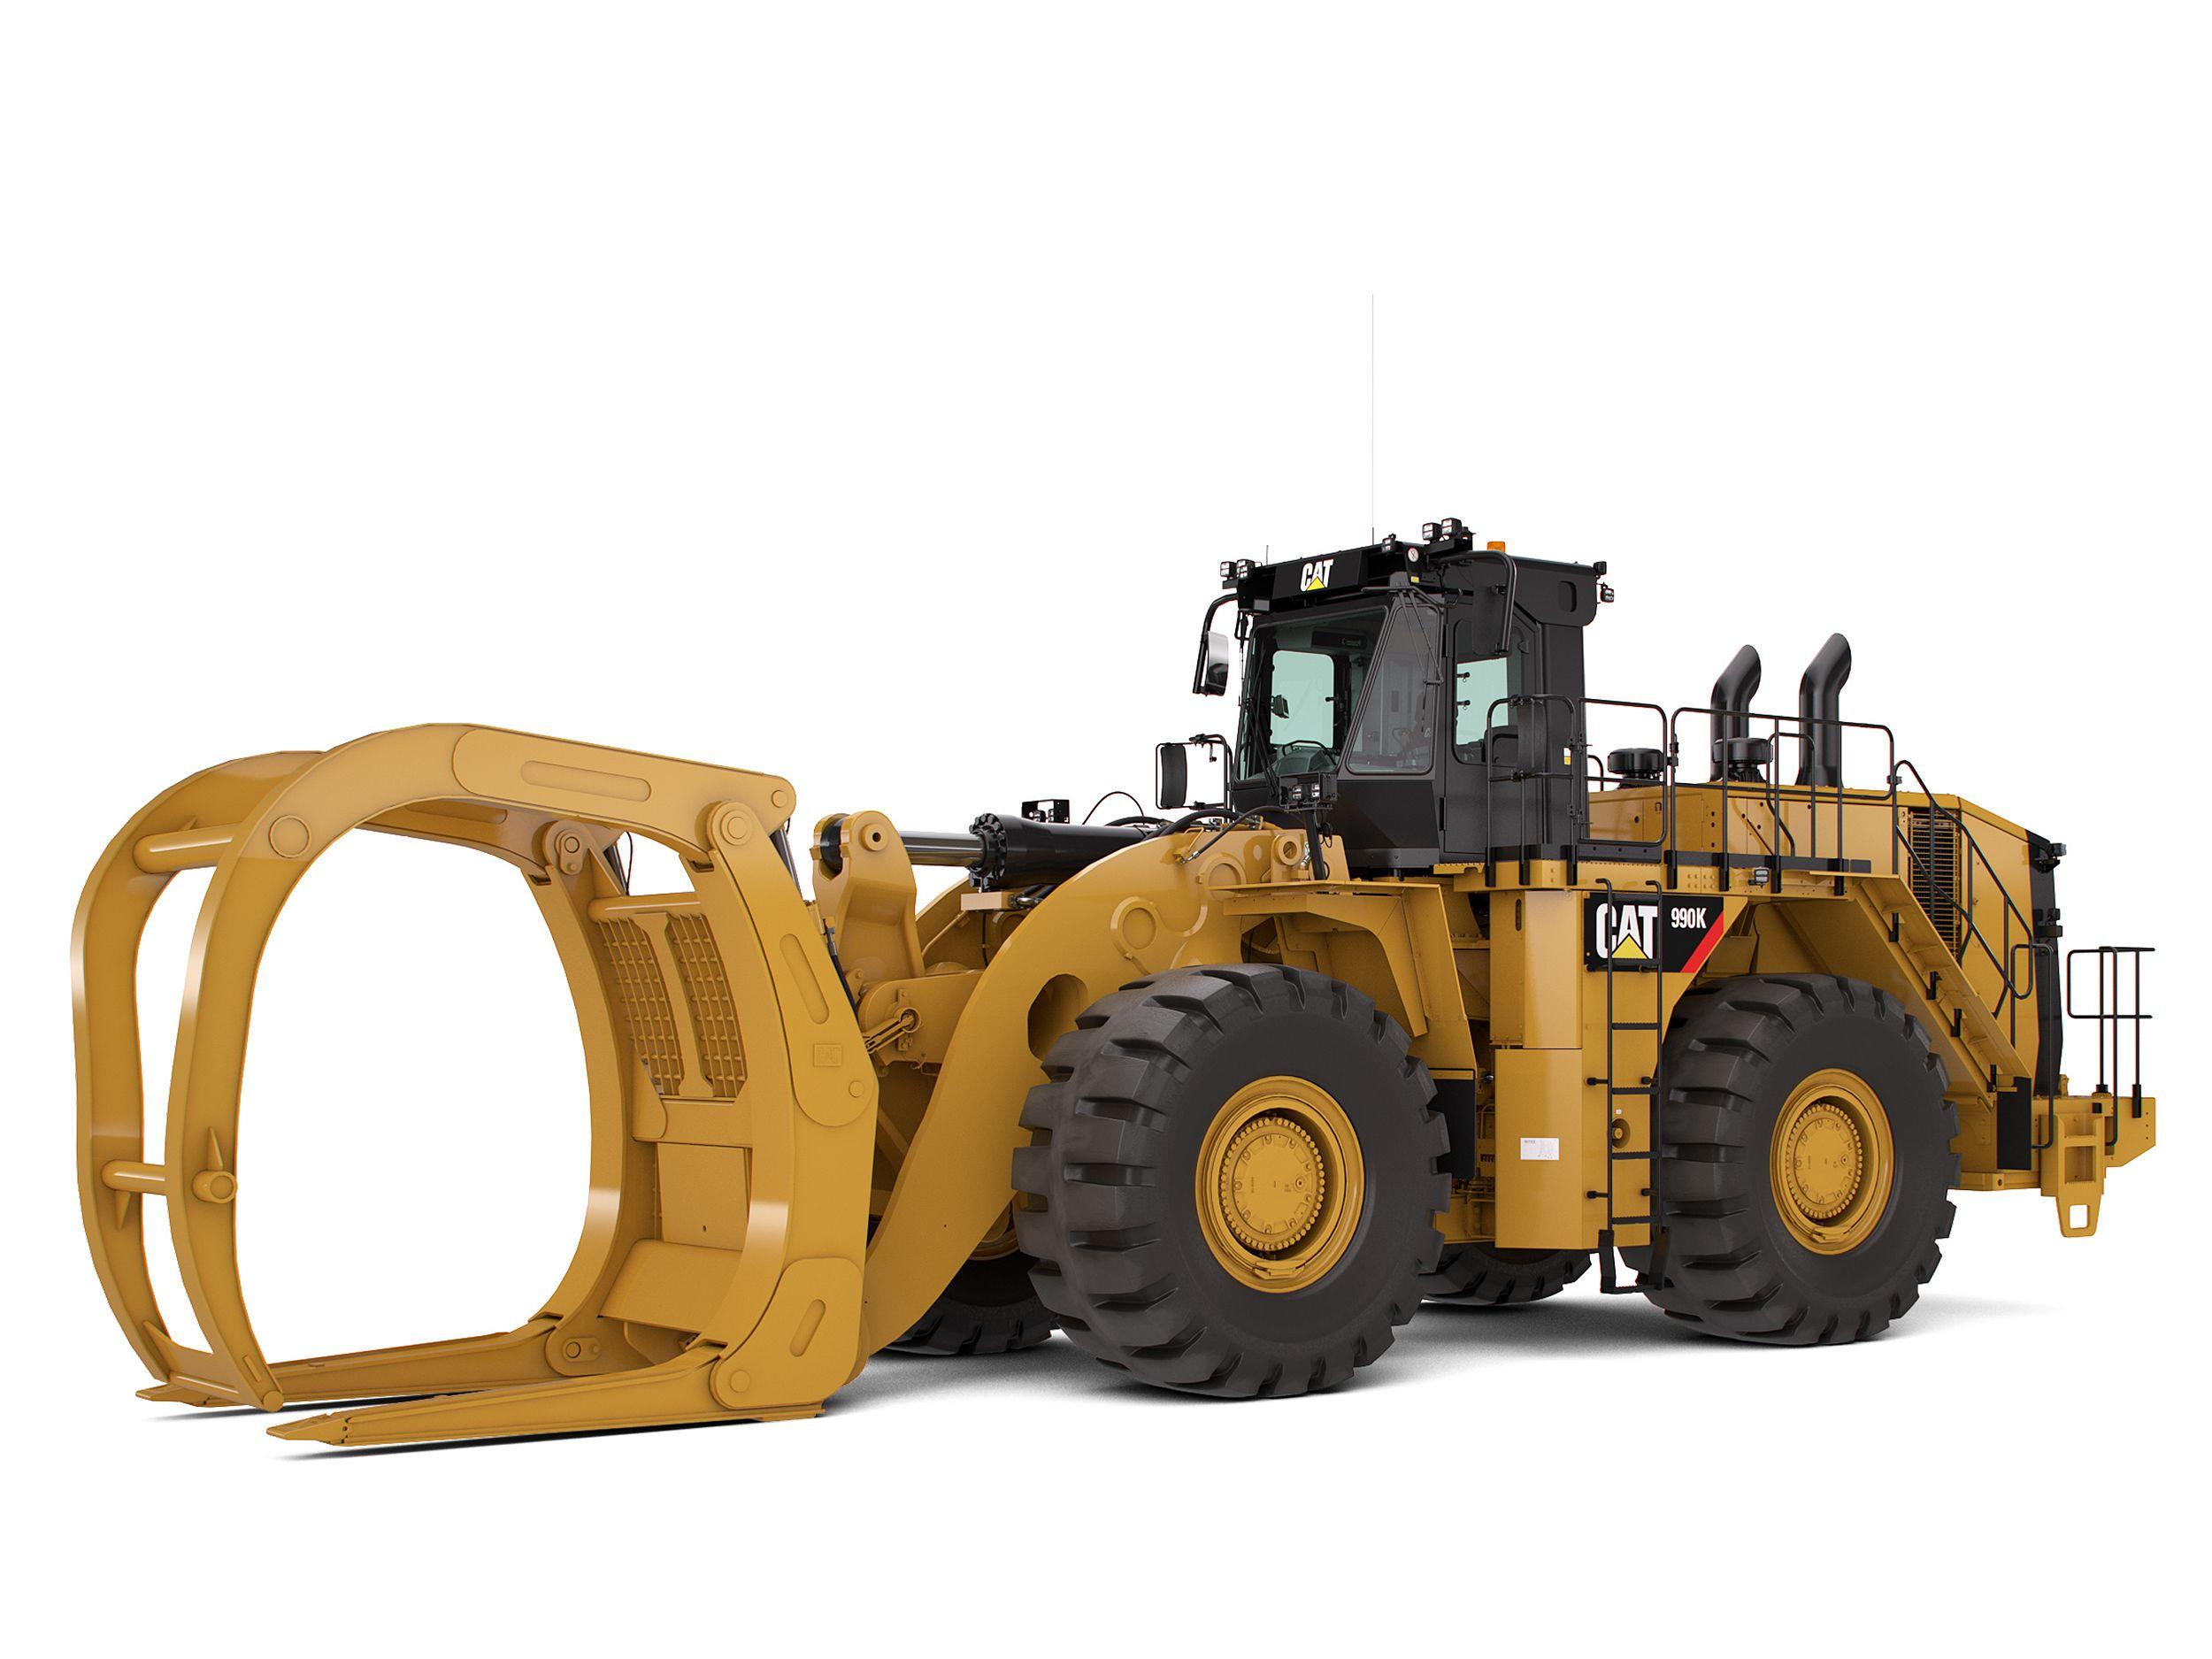 990K Millyard Arrangement Large Wheel Loader